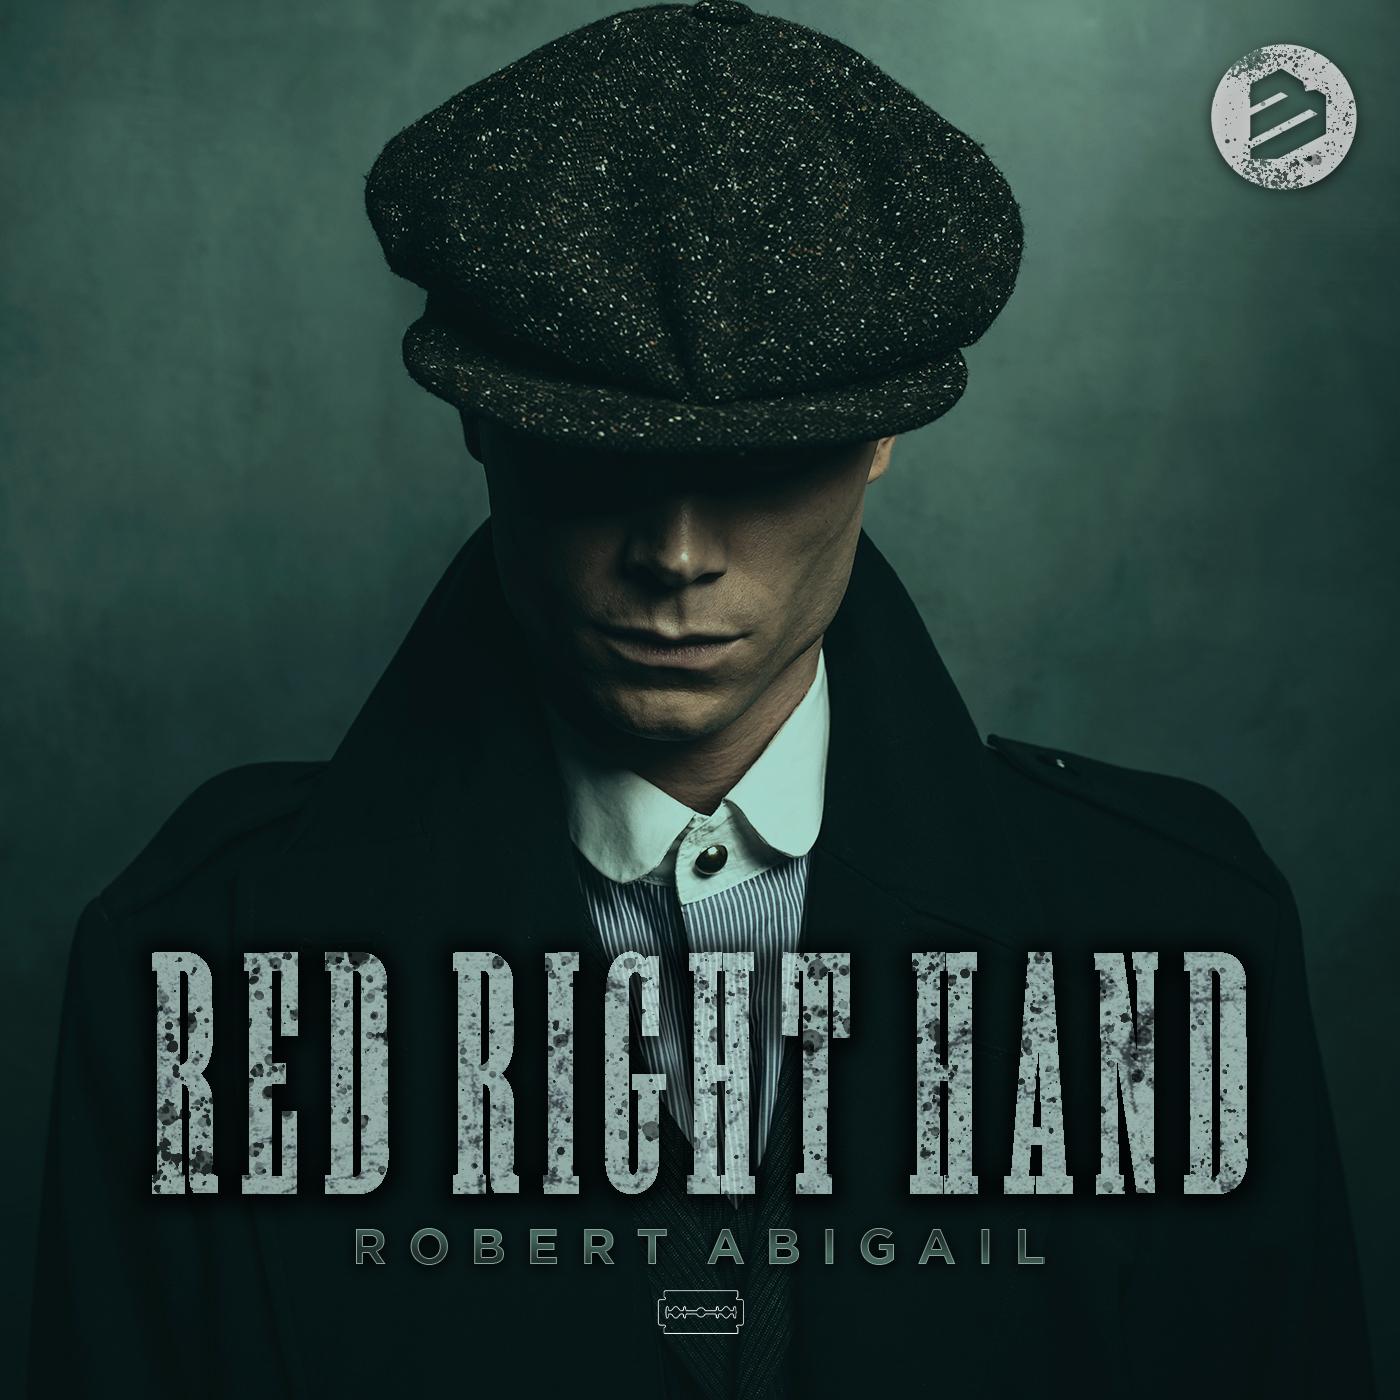 ROBERT ABIGAIL